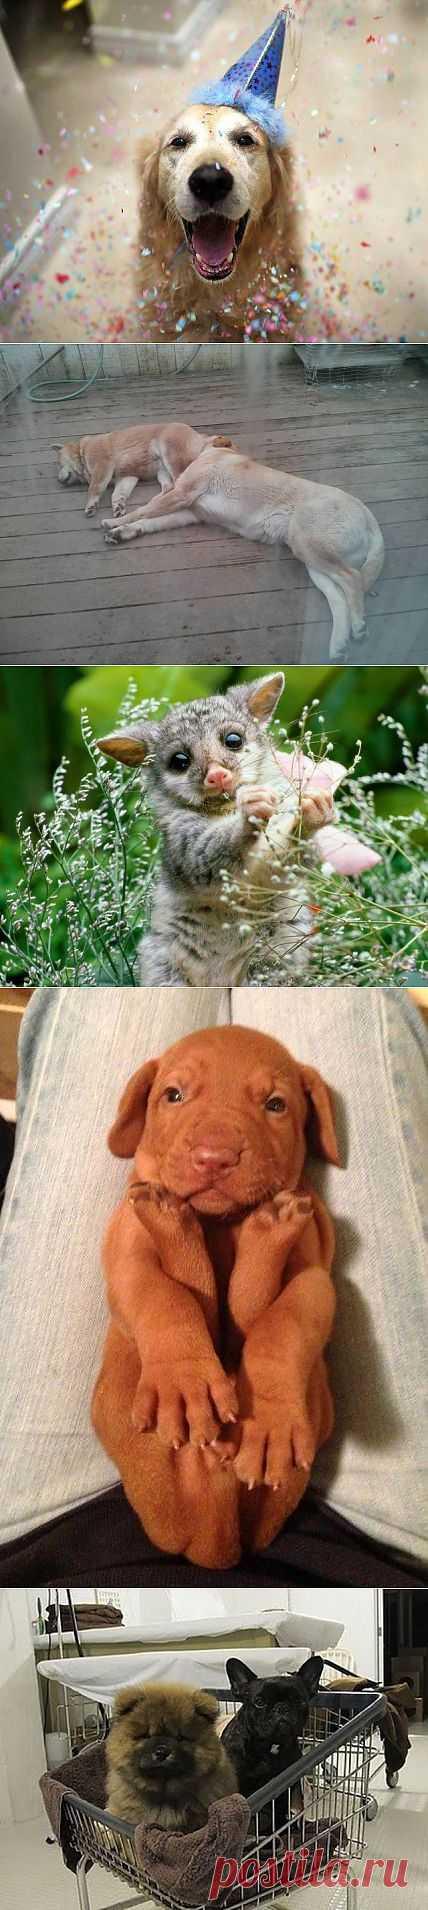 Очень забавные животные. Свежее | Всё самое лучшее из интернета